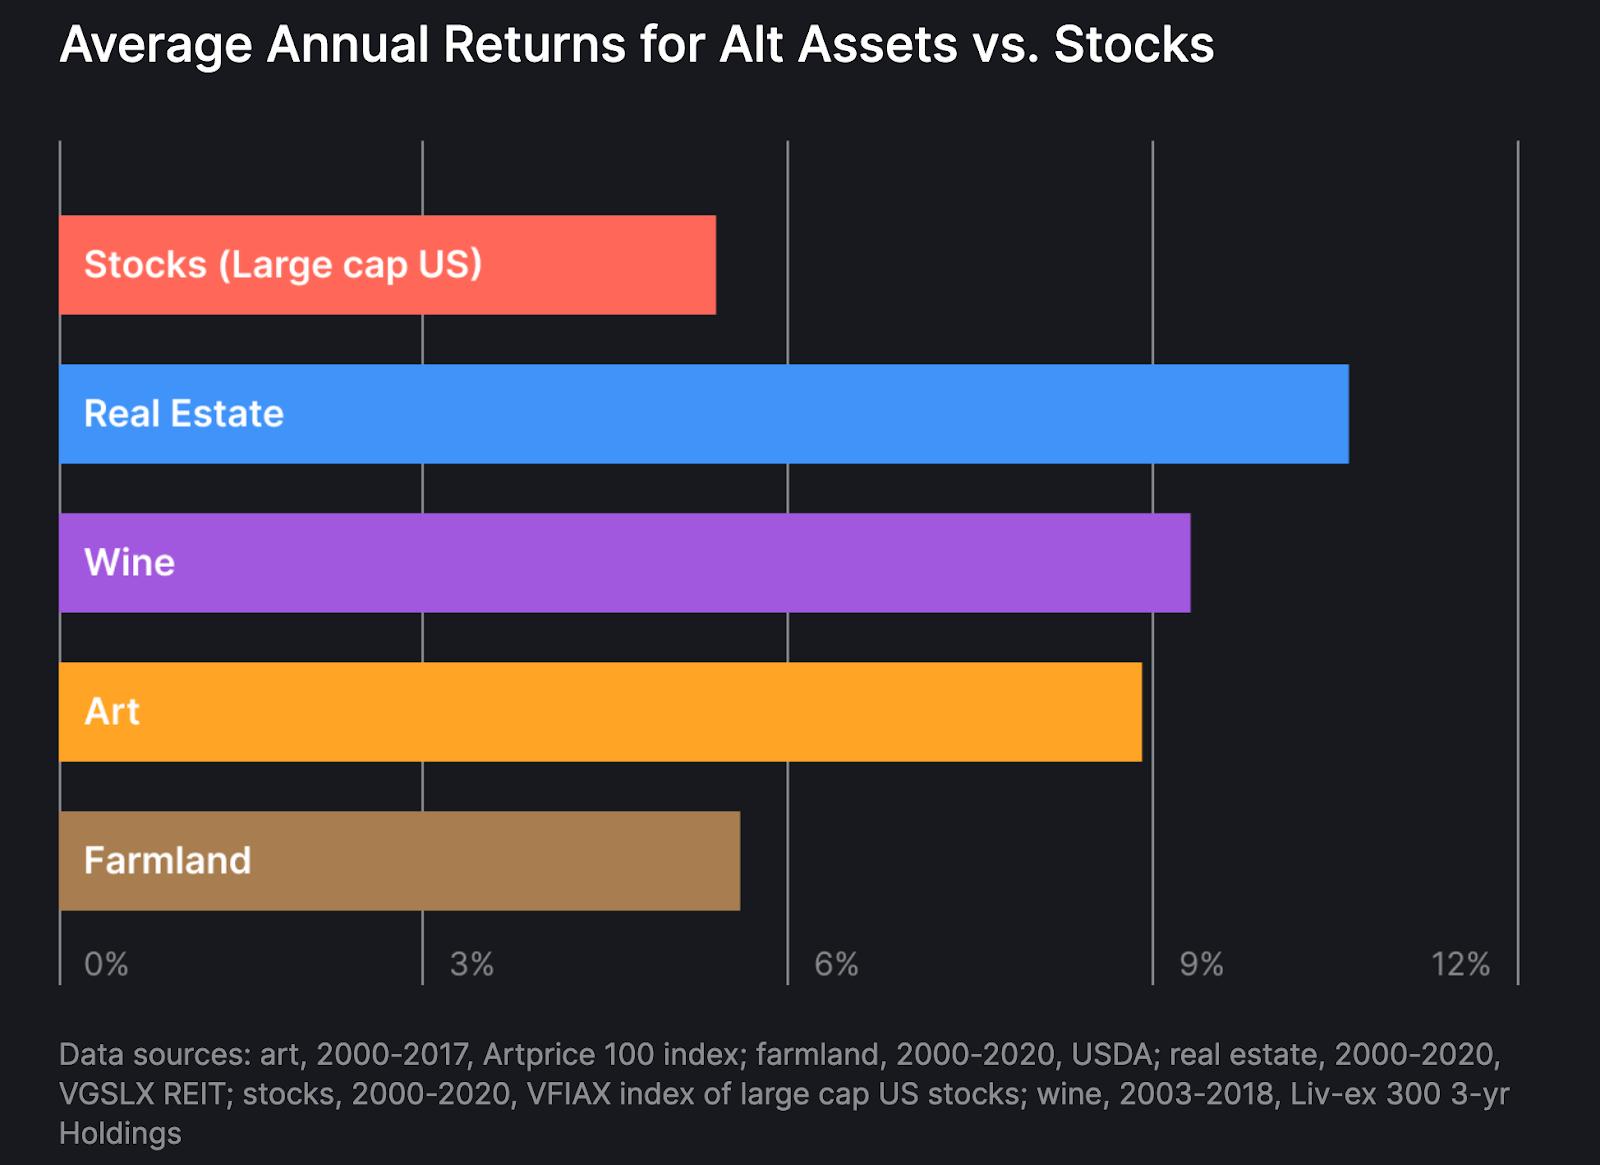 Average Investment Returns for Alt Assets vs. Stocks